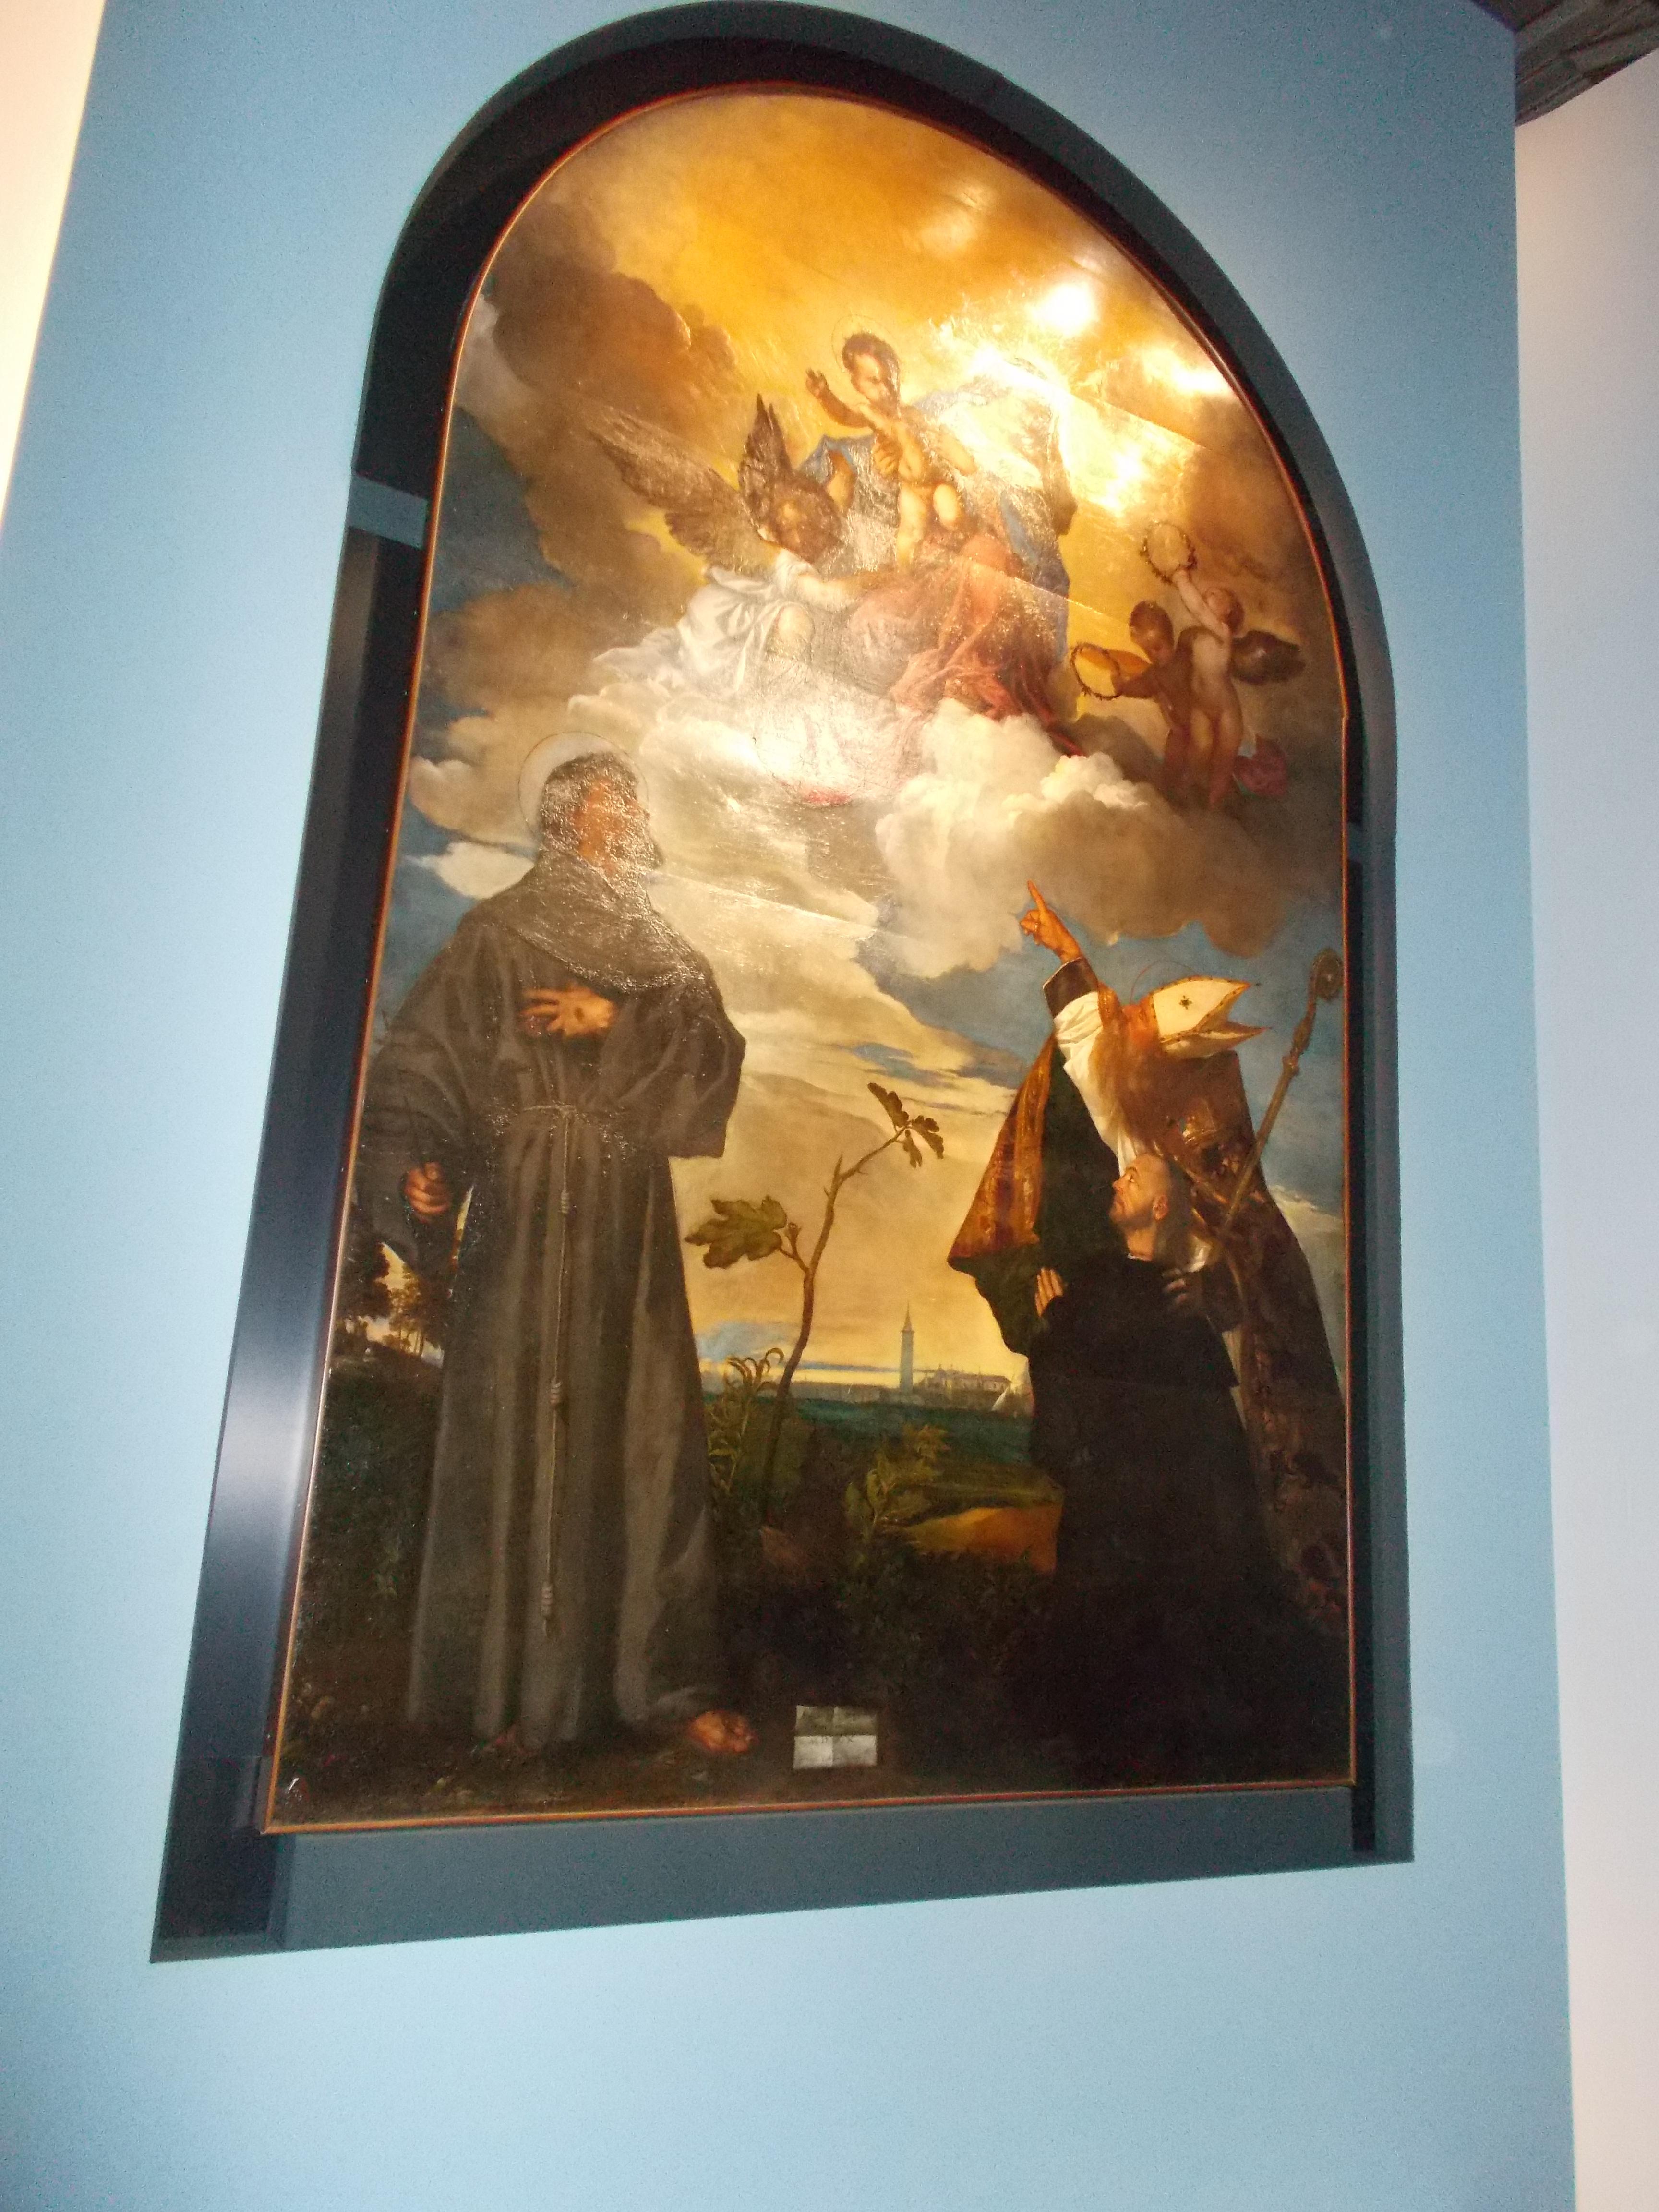 sbigottiti la visione San Francesco a cui era dedicata la Chiesa che ospitava la Pala e San Biagio vescovo e protettore della citt dalmata